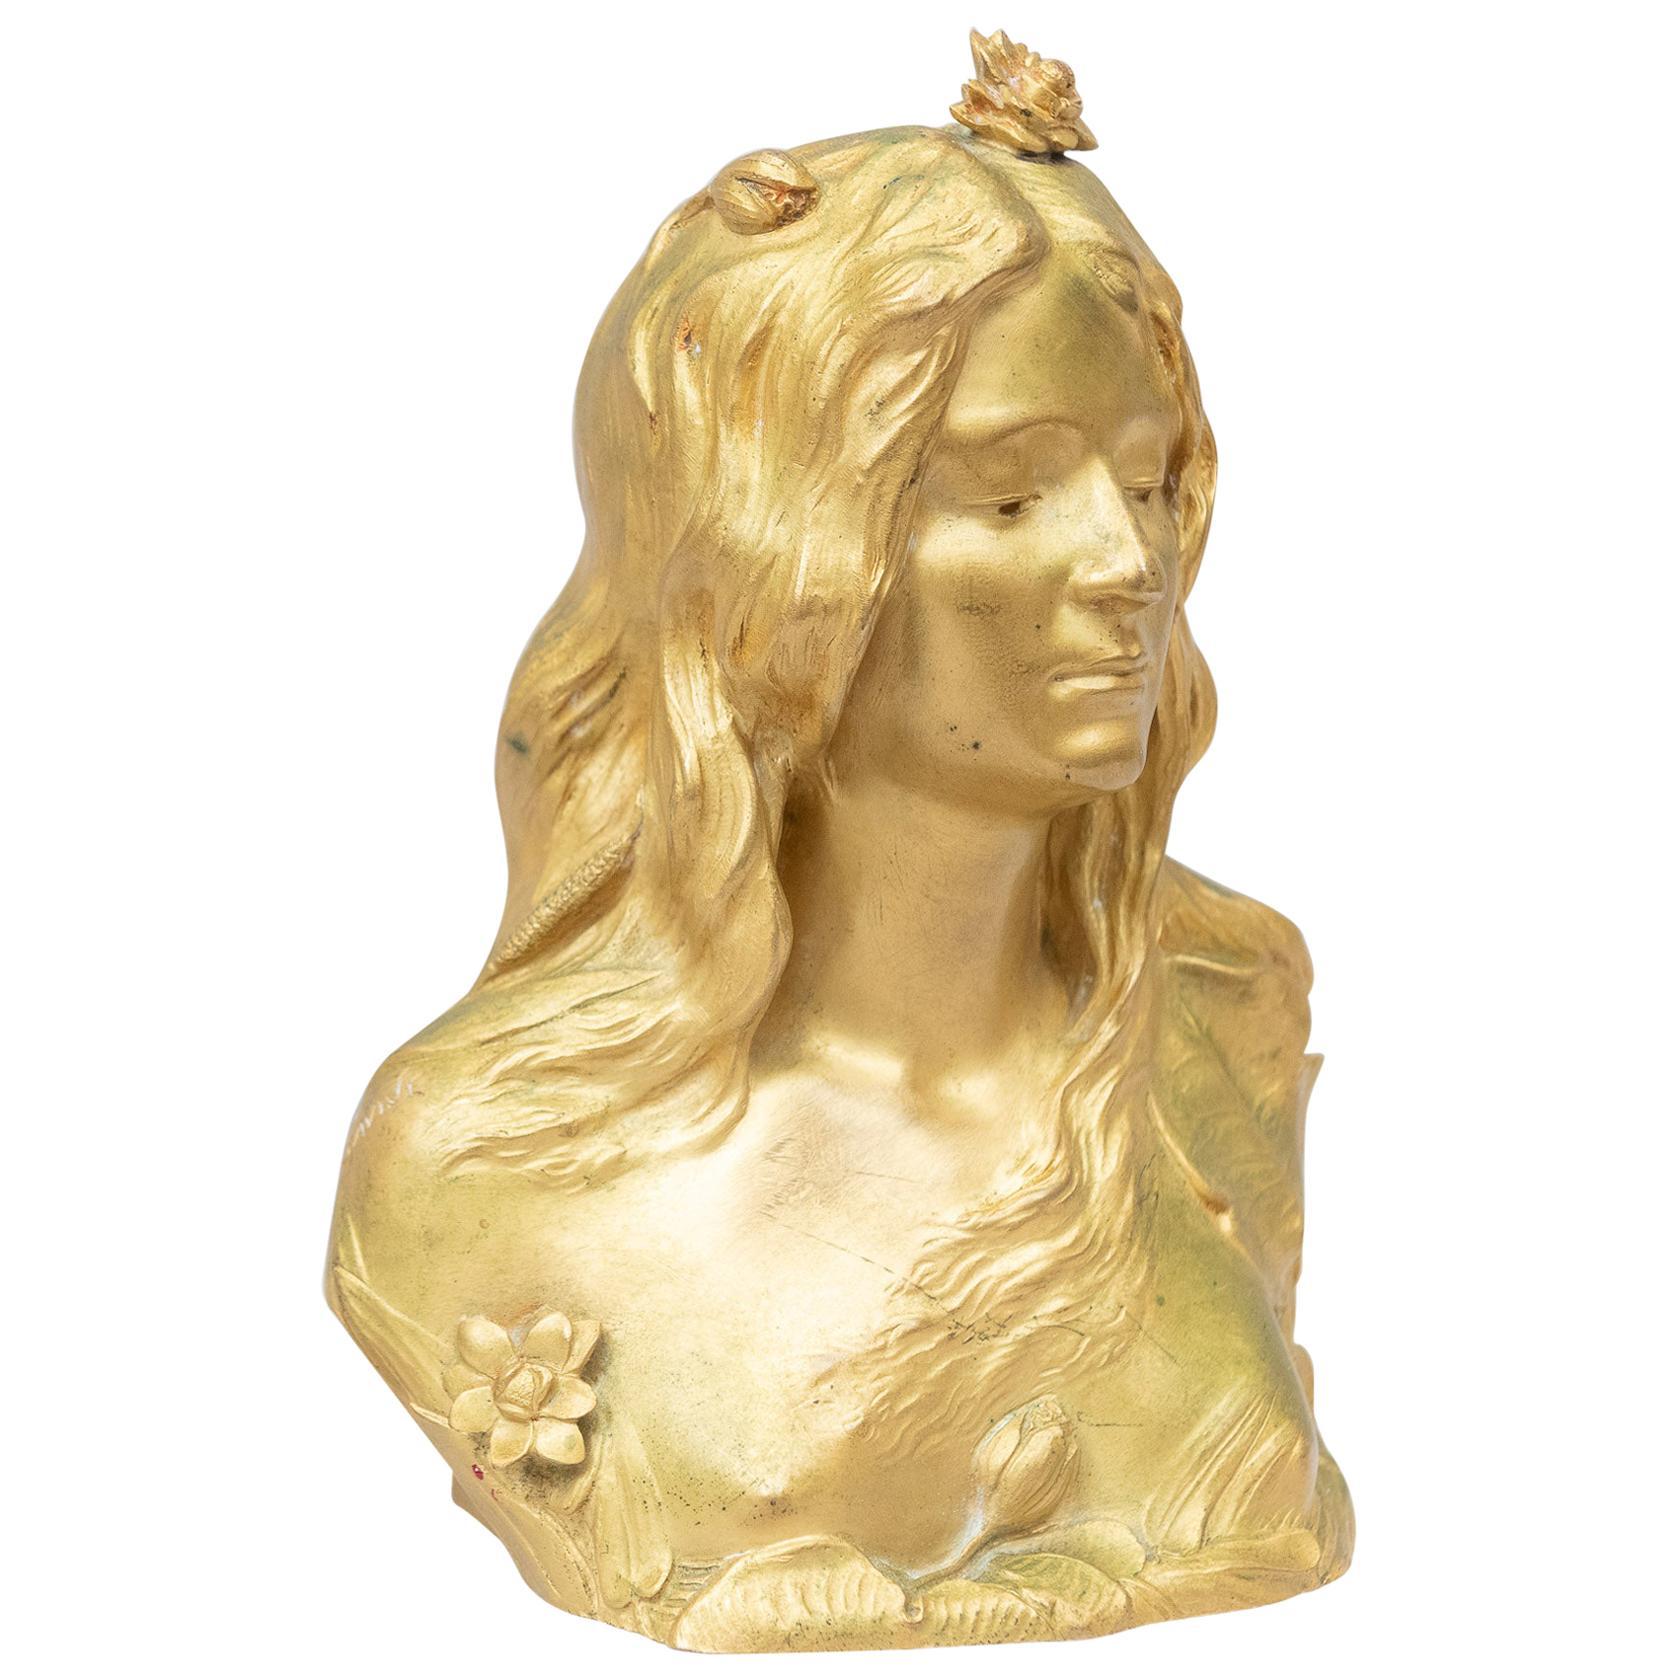 Gilt Bronze Art Nouveau Bust of a Young Maiden, Artist Signed Savine, circa 1895